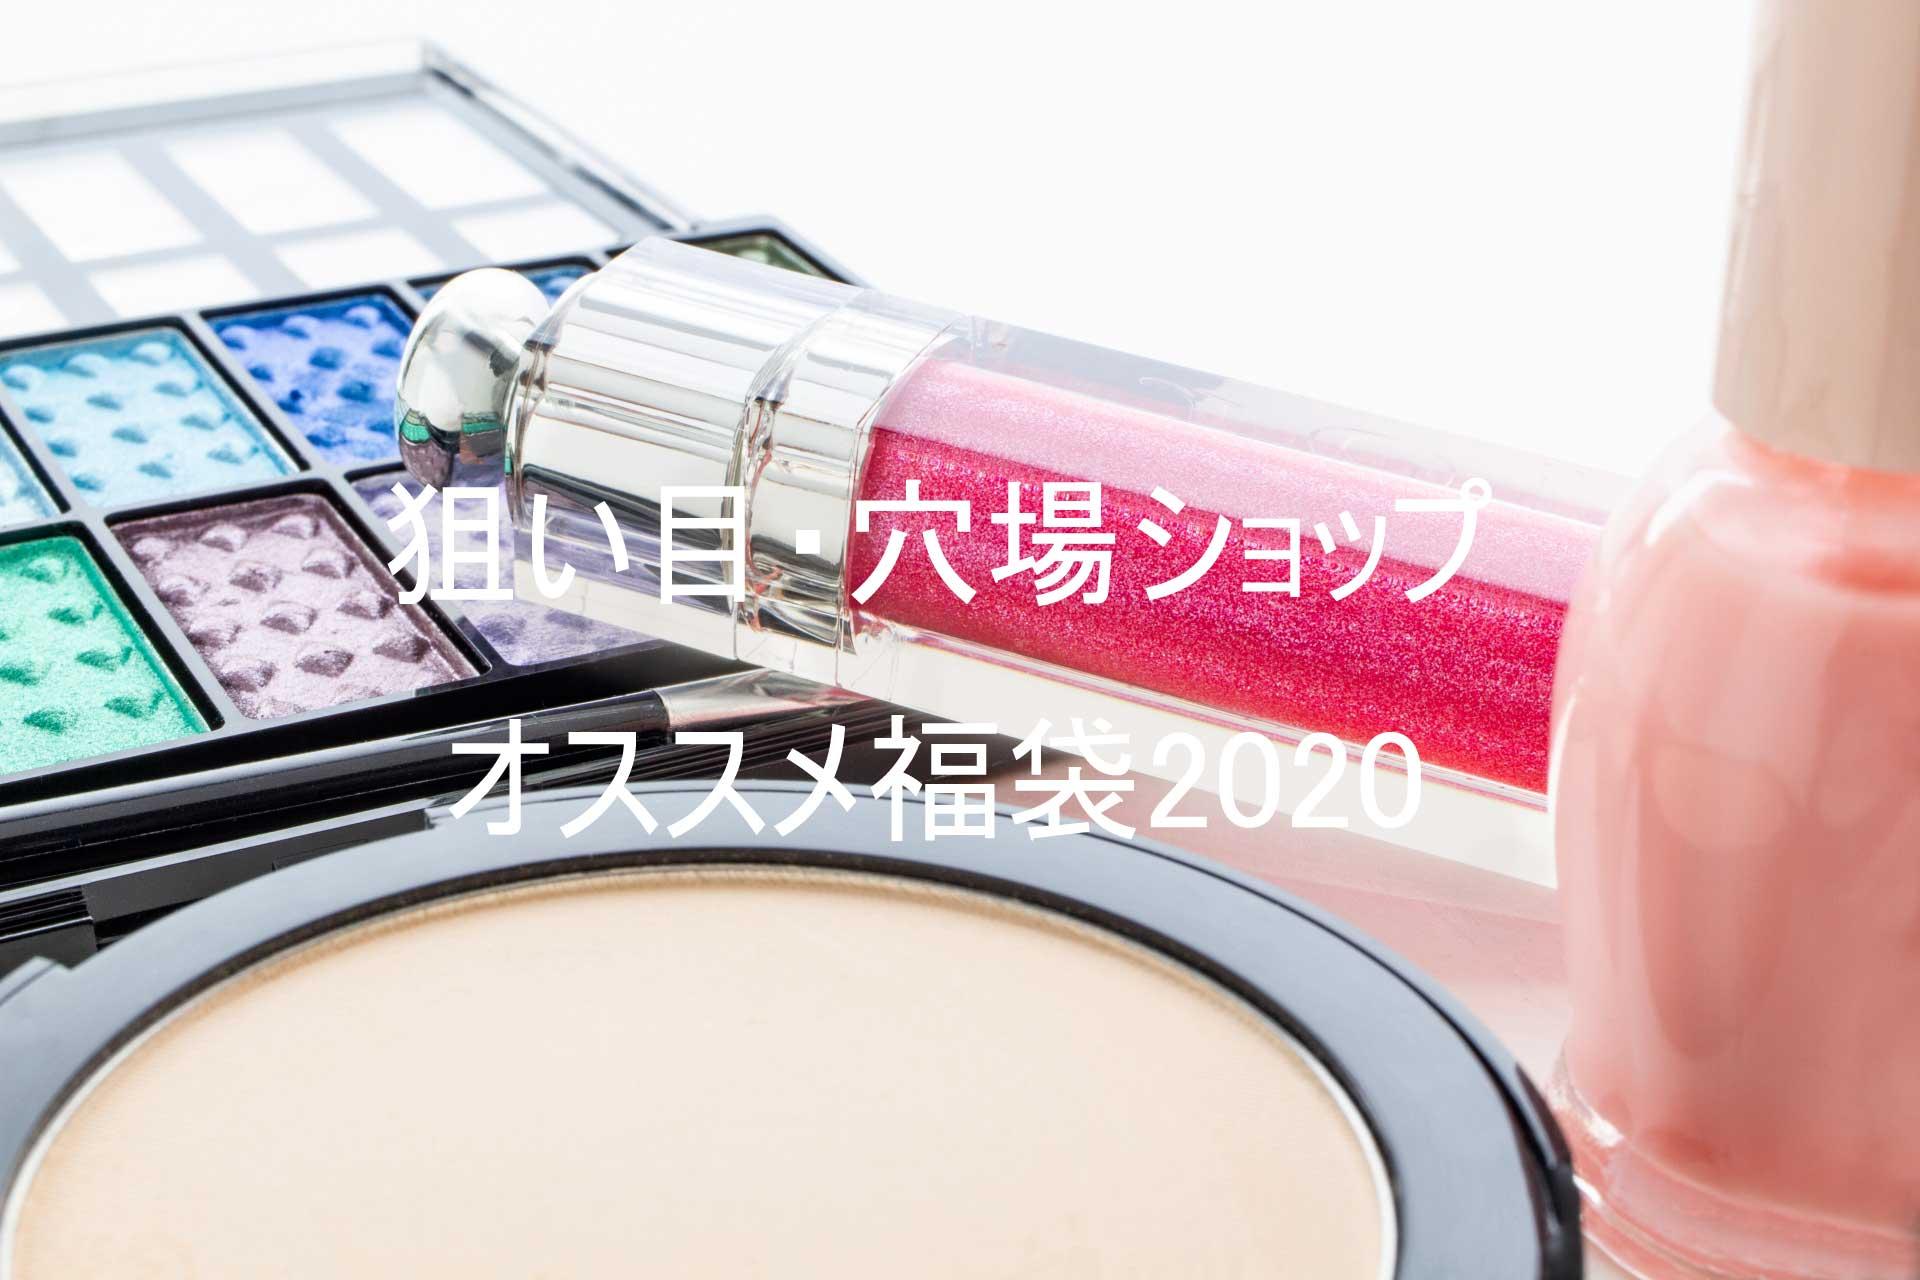 美容コスメ福袋2020狙い目穴場ショップ情報まとめ